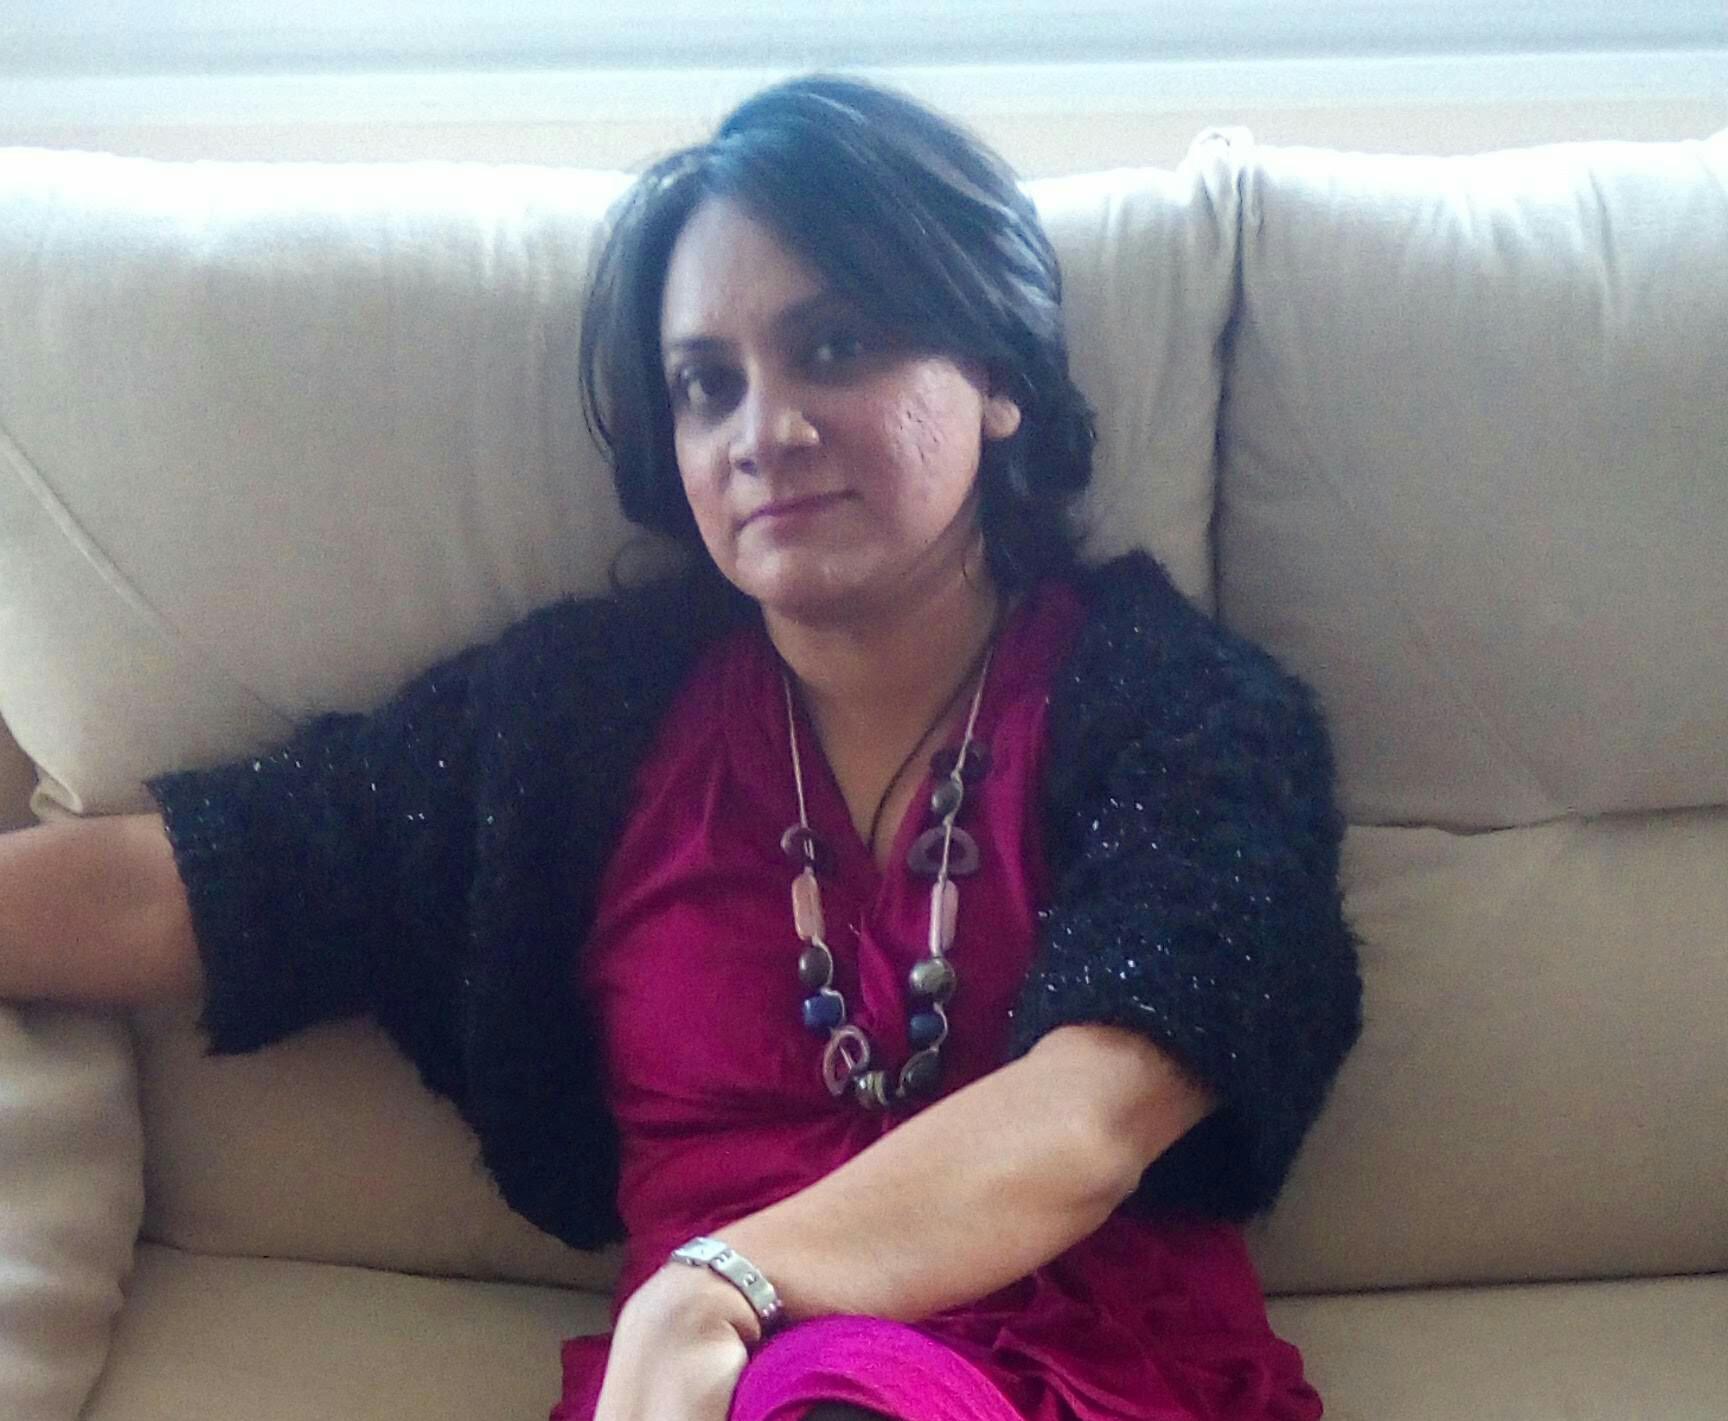 Mayapee Chowdhury